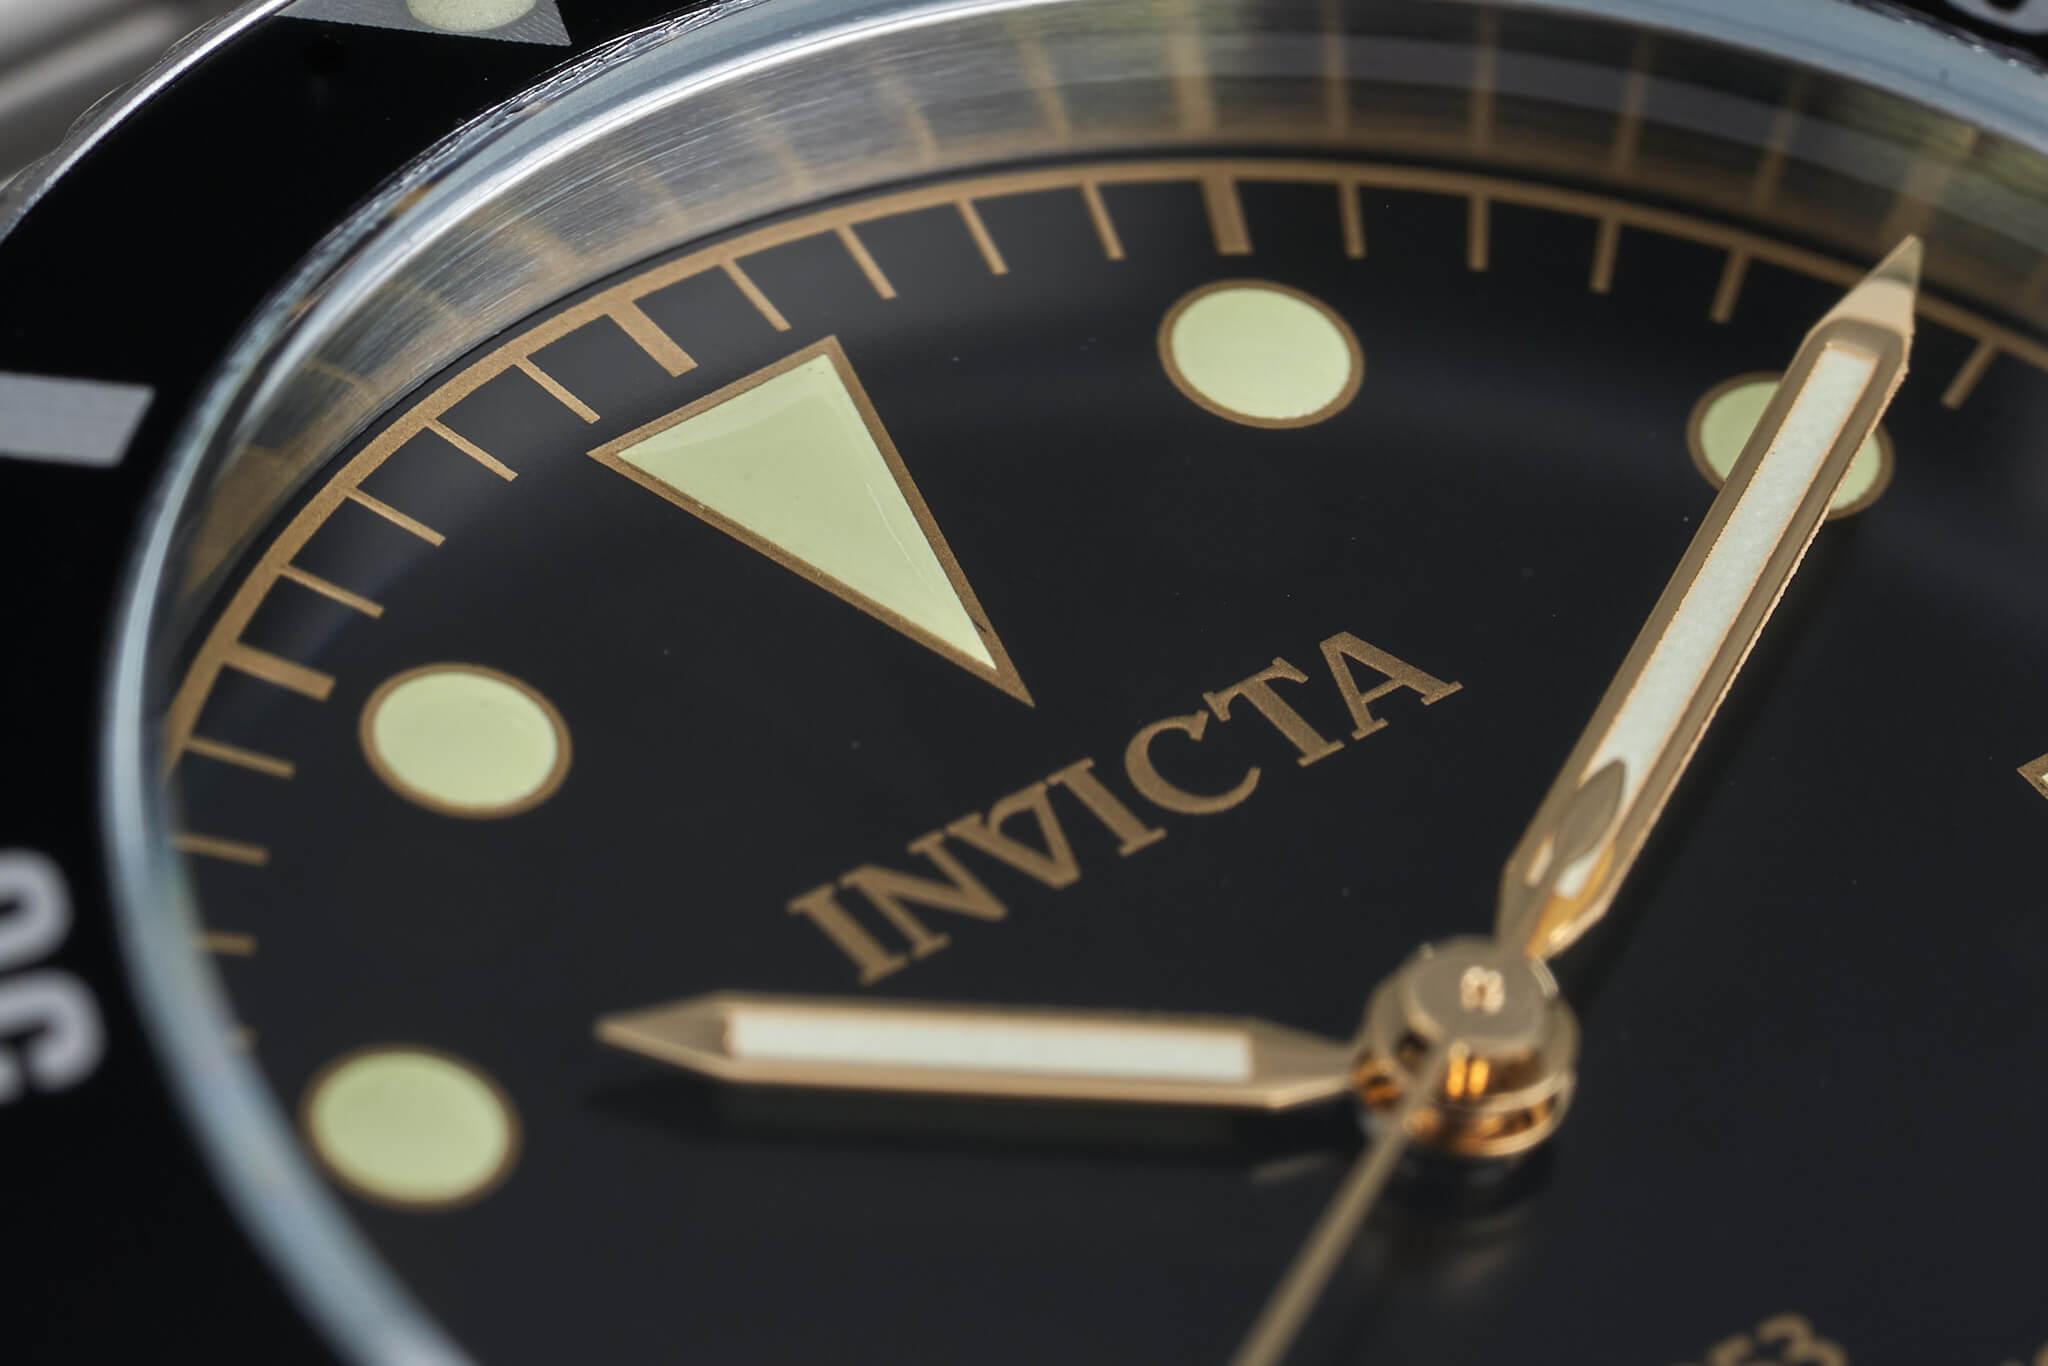 Invicta-Pro-Diver-1953-31290-7